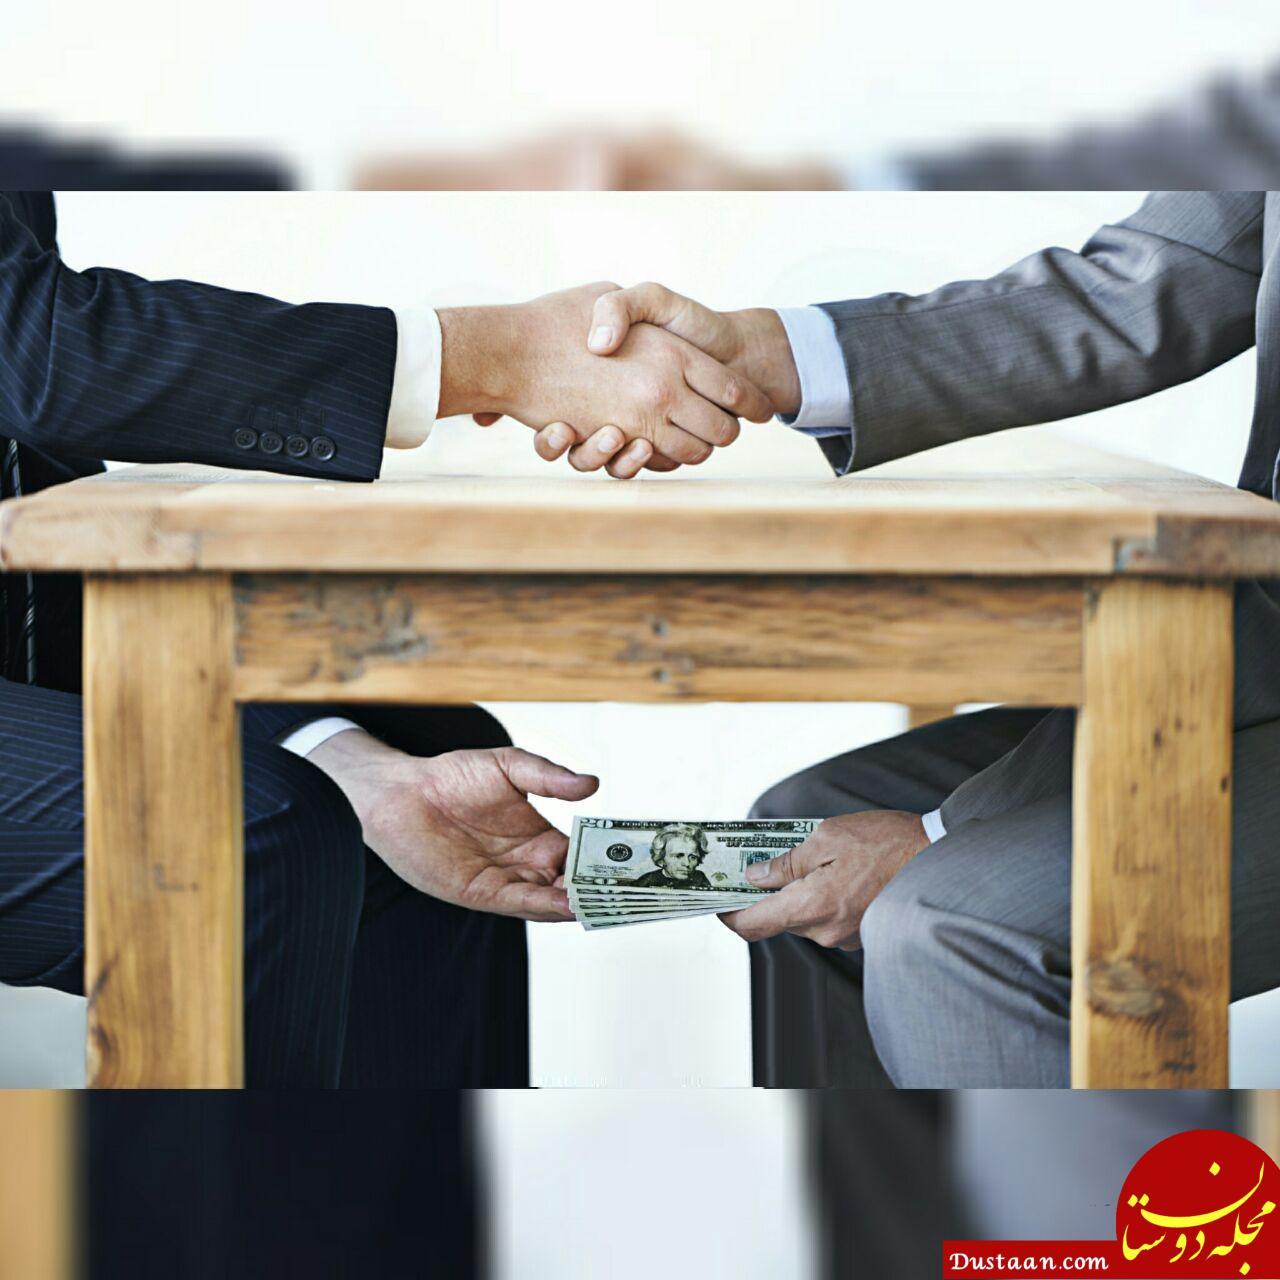 www.dustaan.com بیشترین رشوه در کدام کشور ها رد و بدل می شود؟!